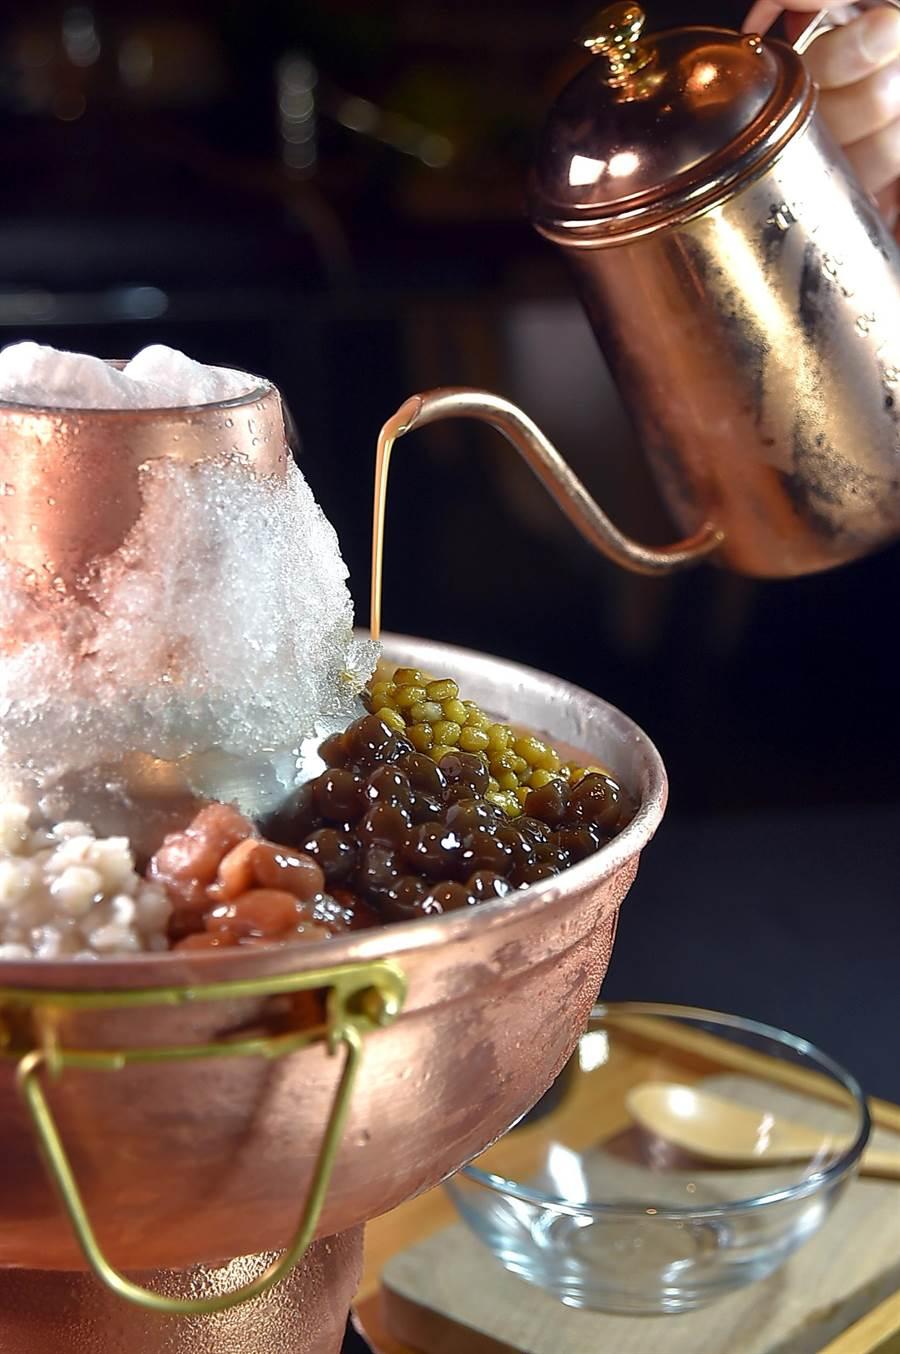 炎炎夏日在台北晶華酒店〈azie〉享用氣勢澎湃的〈波霸冰鍋〉,可以選擇是泰式奶茶或帶有佛手柑香氣的伯爵奶茶為「湯底」。(圖/姚舜)